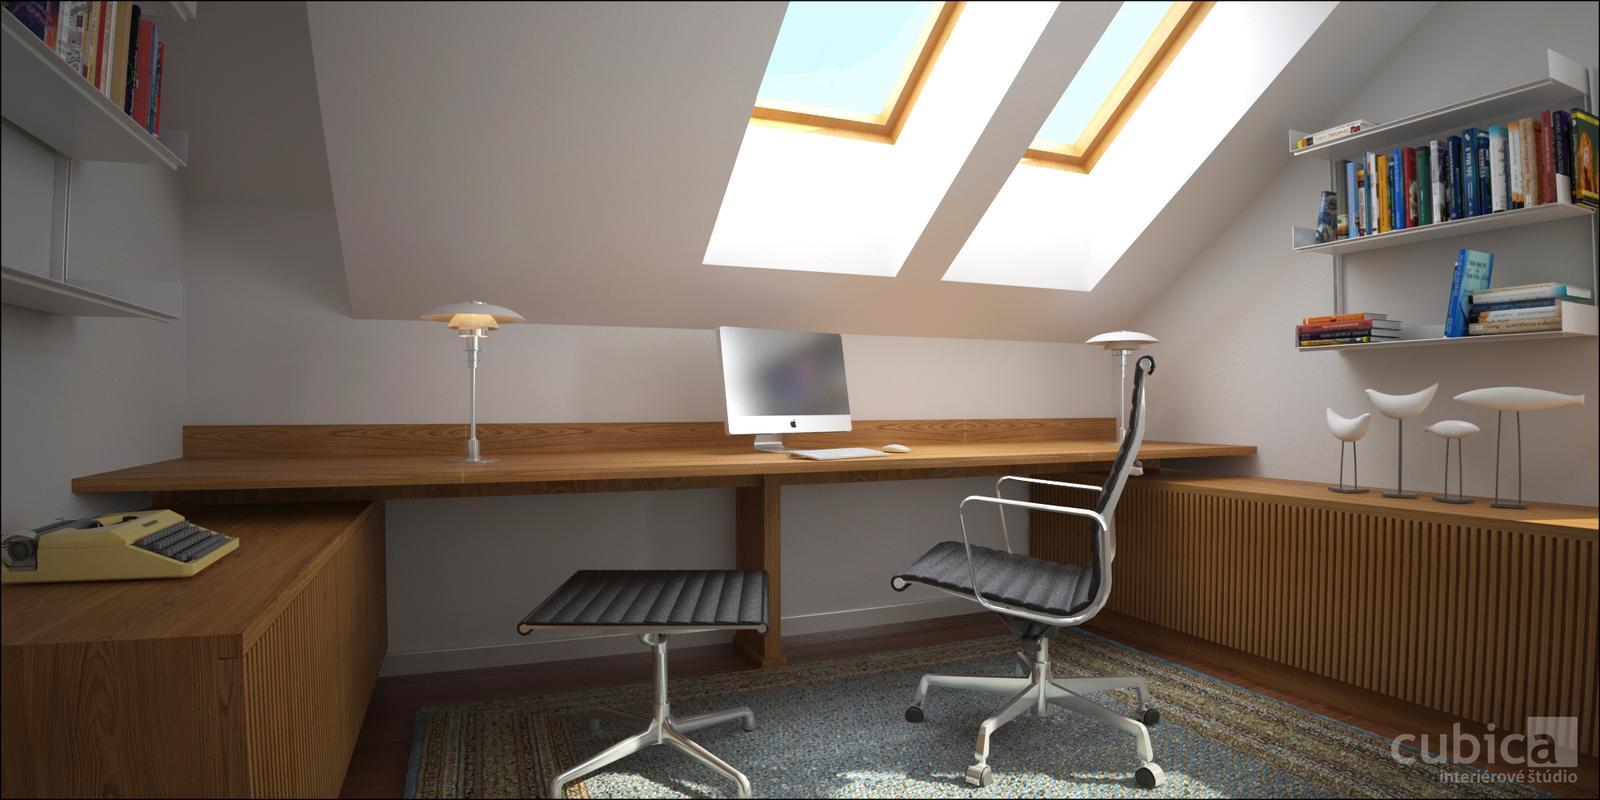 Návrh interiéru domácej pracovne - pracovňa - interier